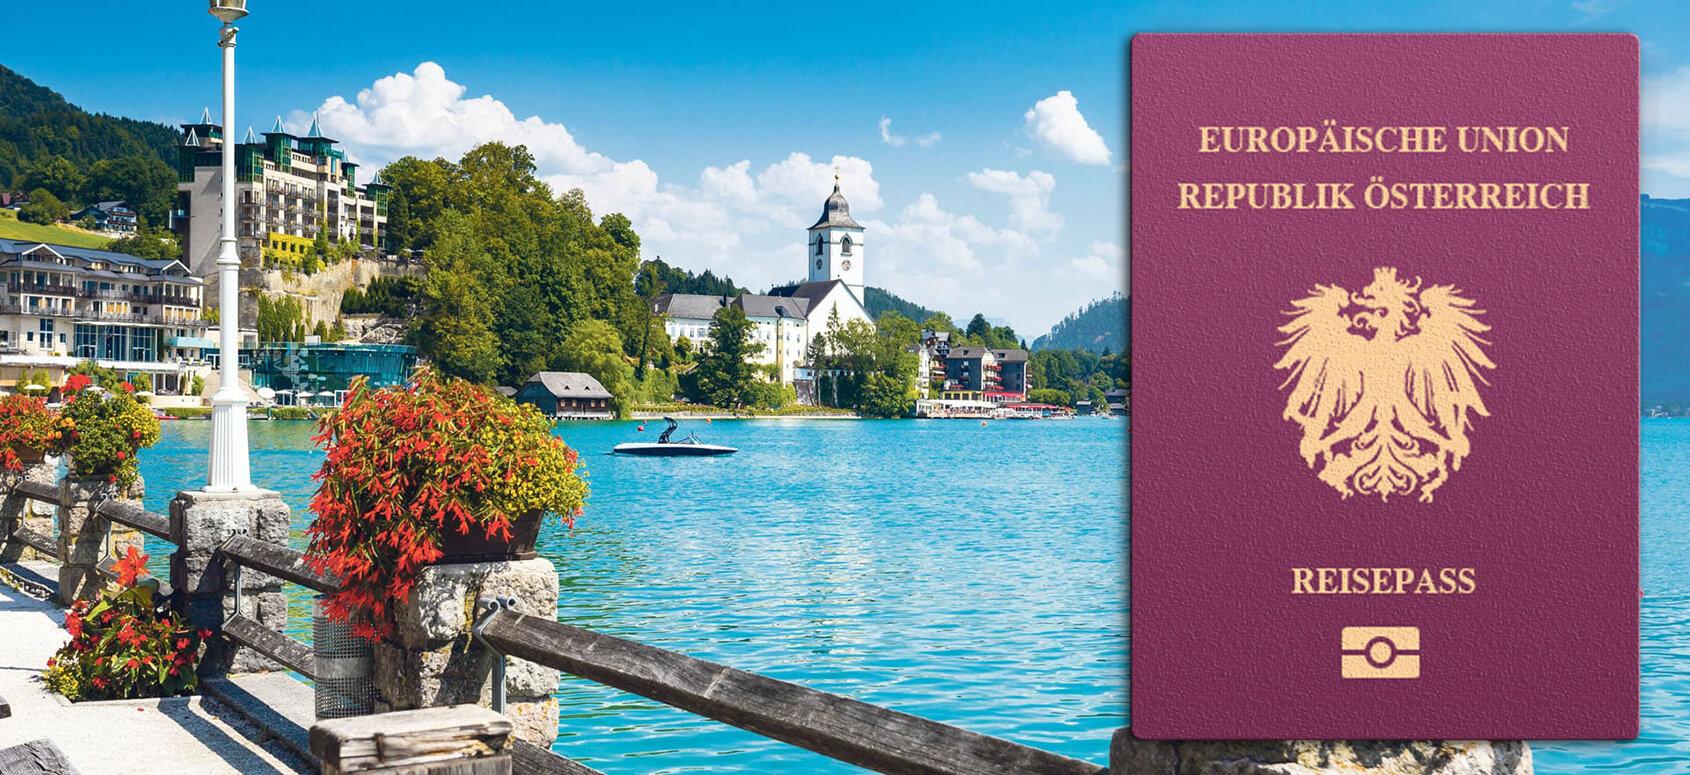 получение гражданства ес через австрию